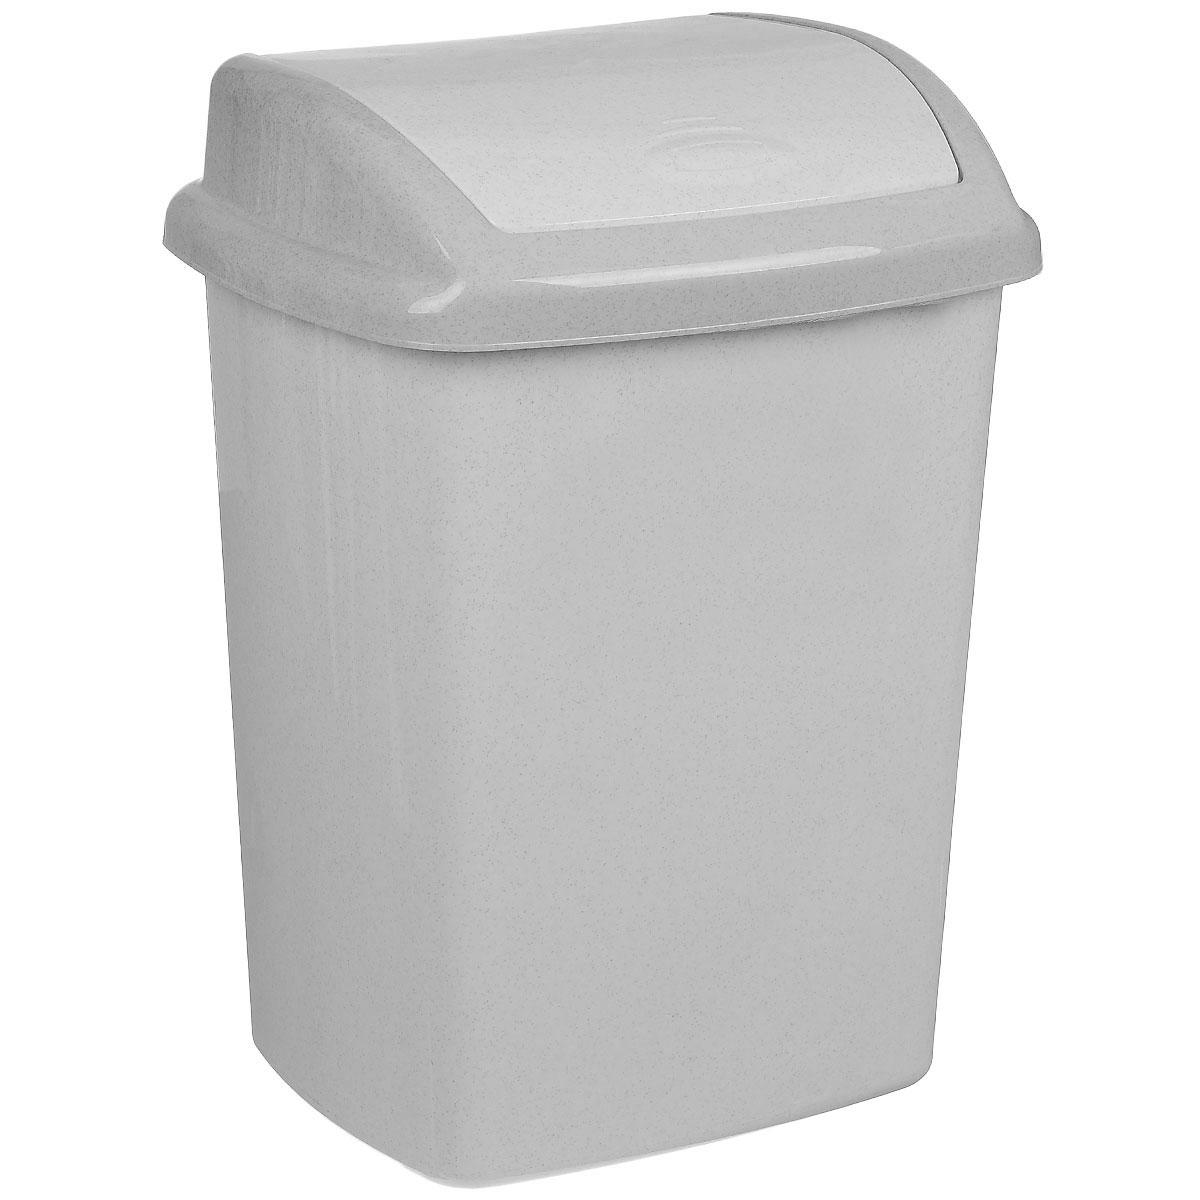 Контейнер для мусора Curver Доминик, цвет: серый люкс (гранит), 25 л68/5/1Контейнер для мусора Curver Доминик изготовлен из прочного пластика. Контейнер снабжен удобной крышкой с подвижной перегородкой. В нем удобно хранить мелкий мусор. Благодаря лаконичному дизайну такой контейнер идеально впишется в интерьер и дома, и офиса.